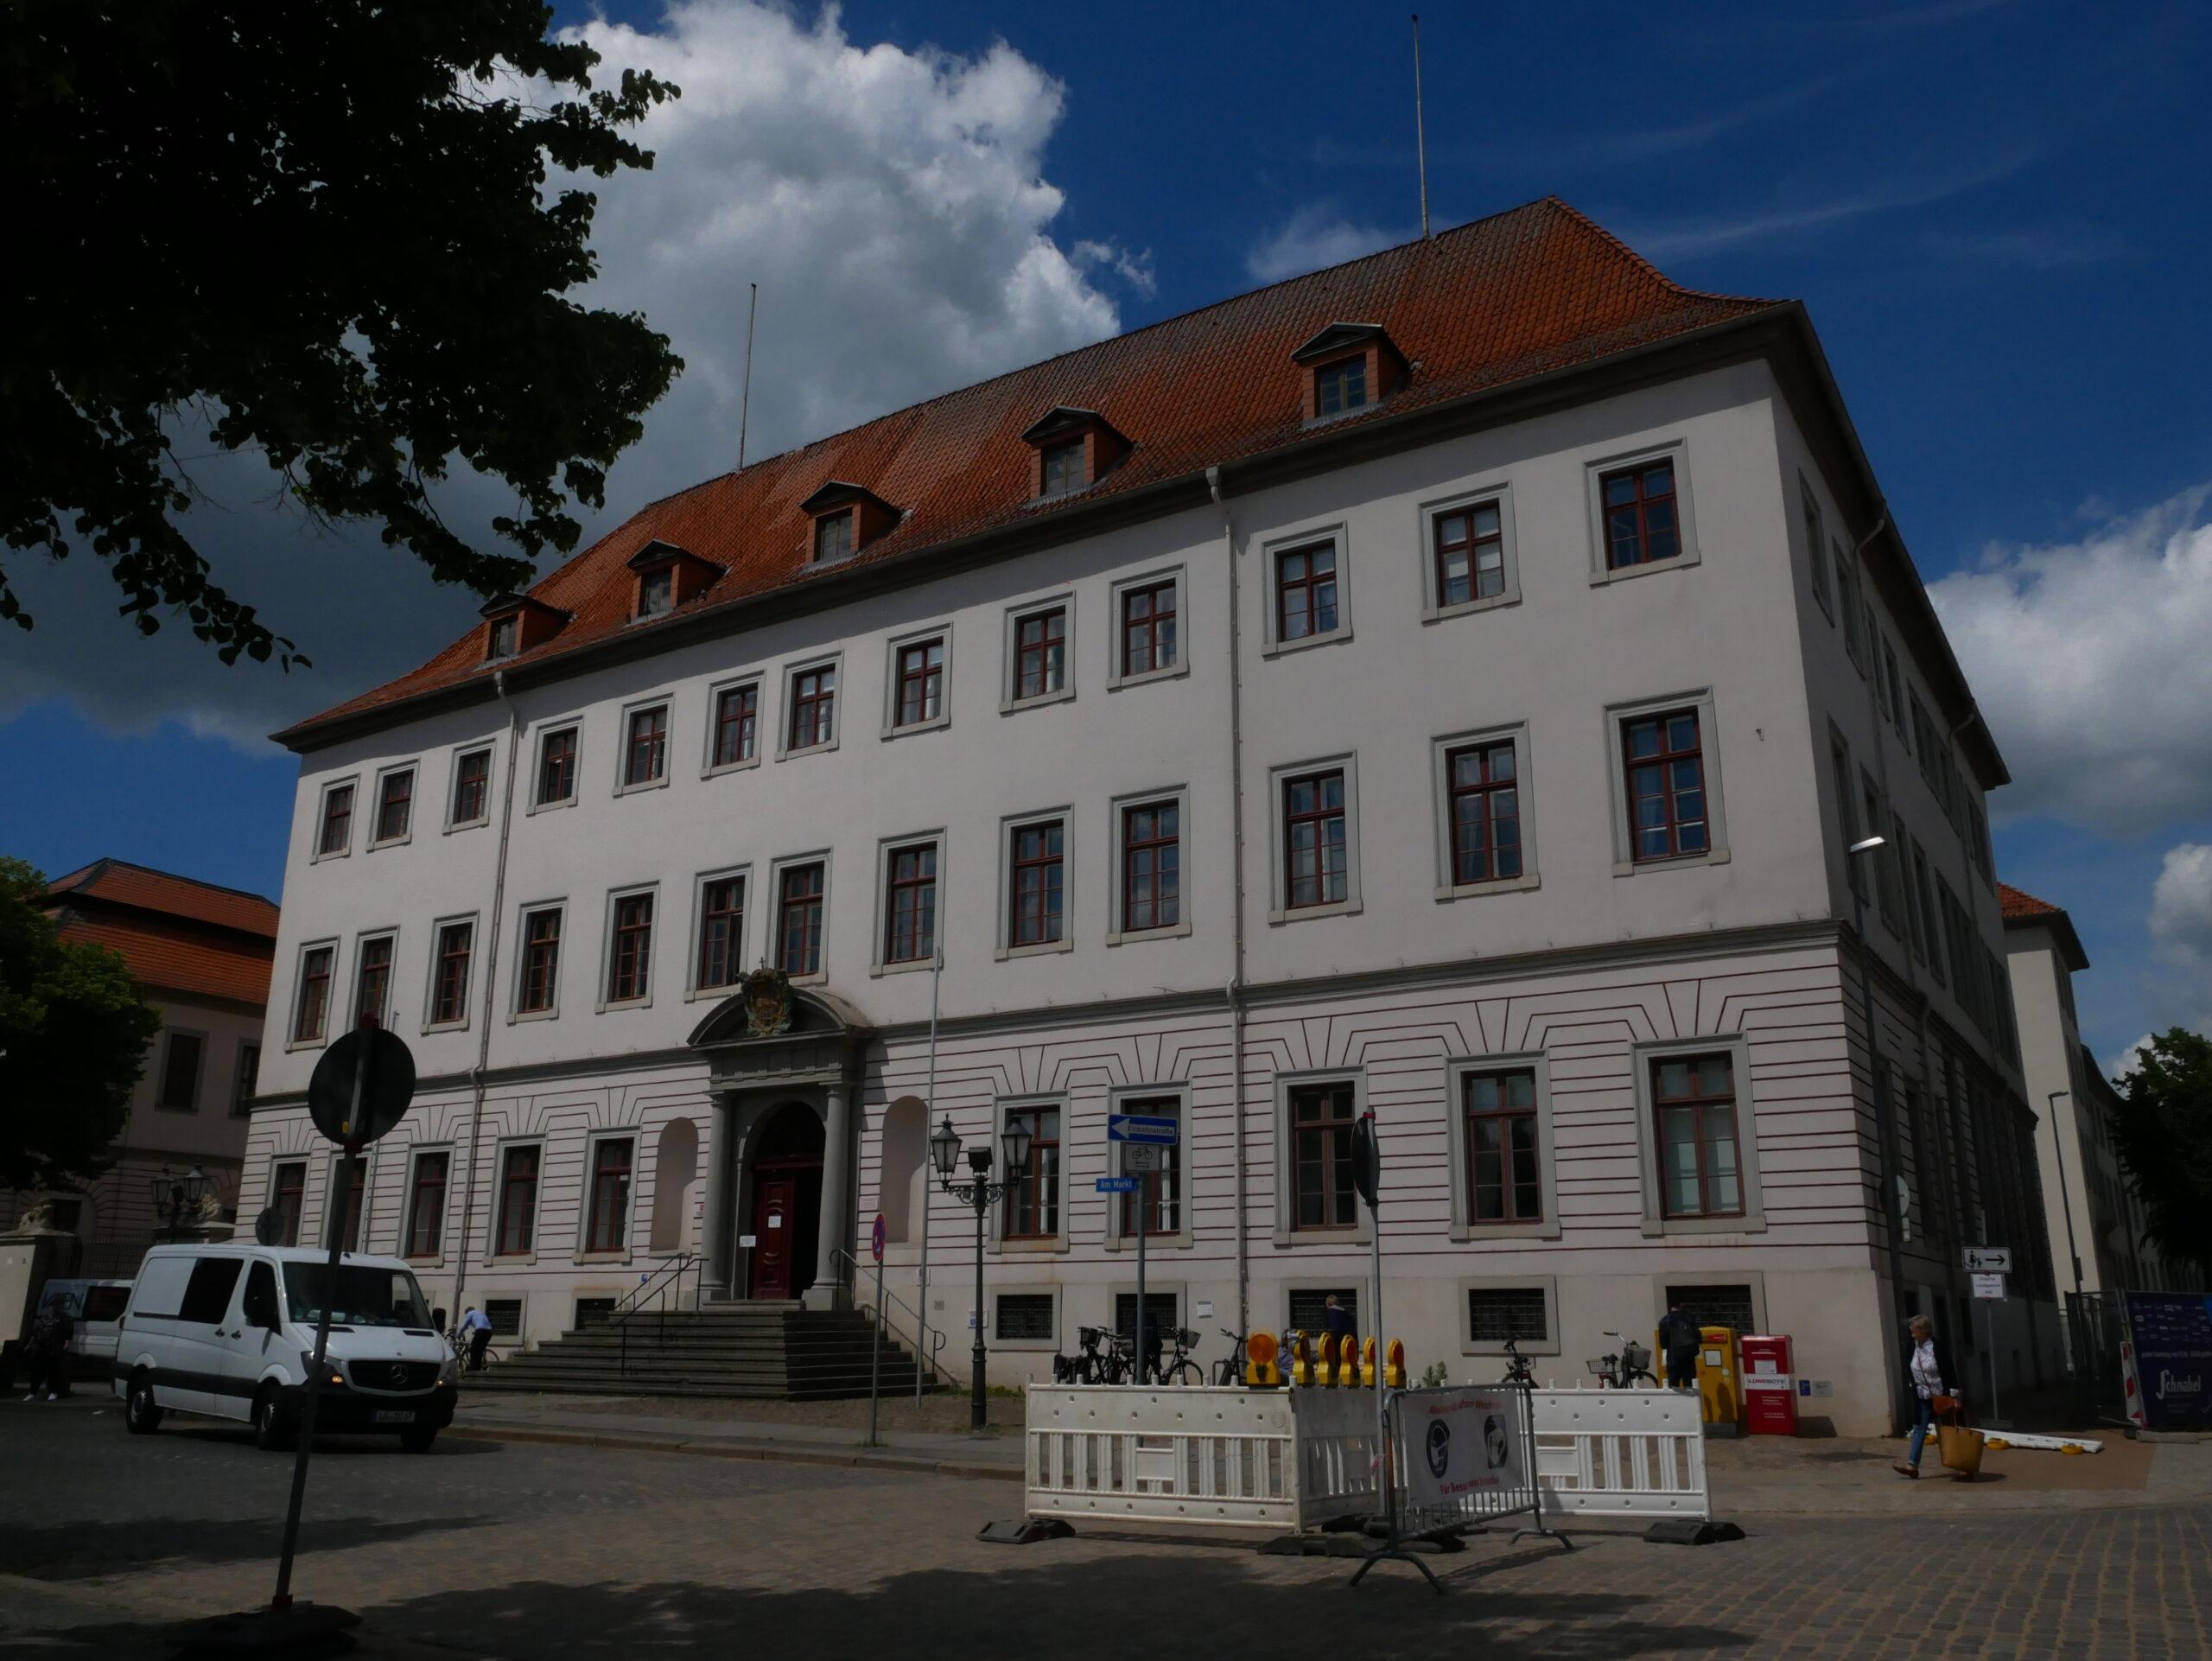 Das zwischen 1693 und 1696 errichtete Schloss, heute dient es als Landgericht © Behrens/Groesgen